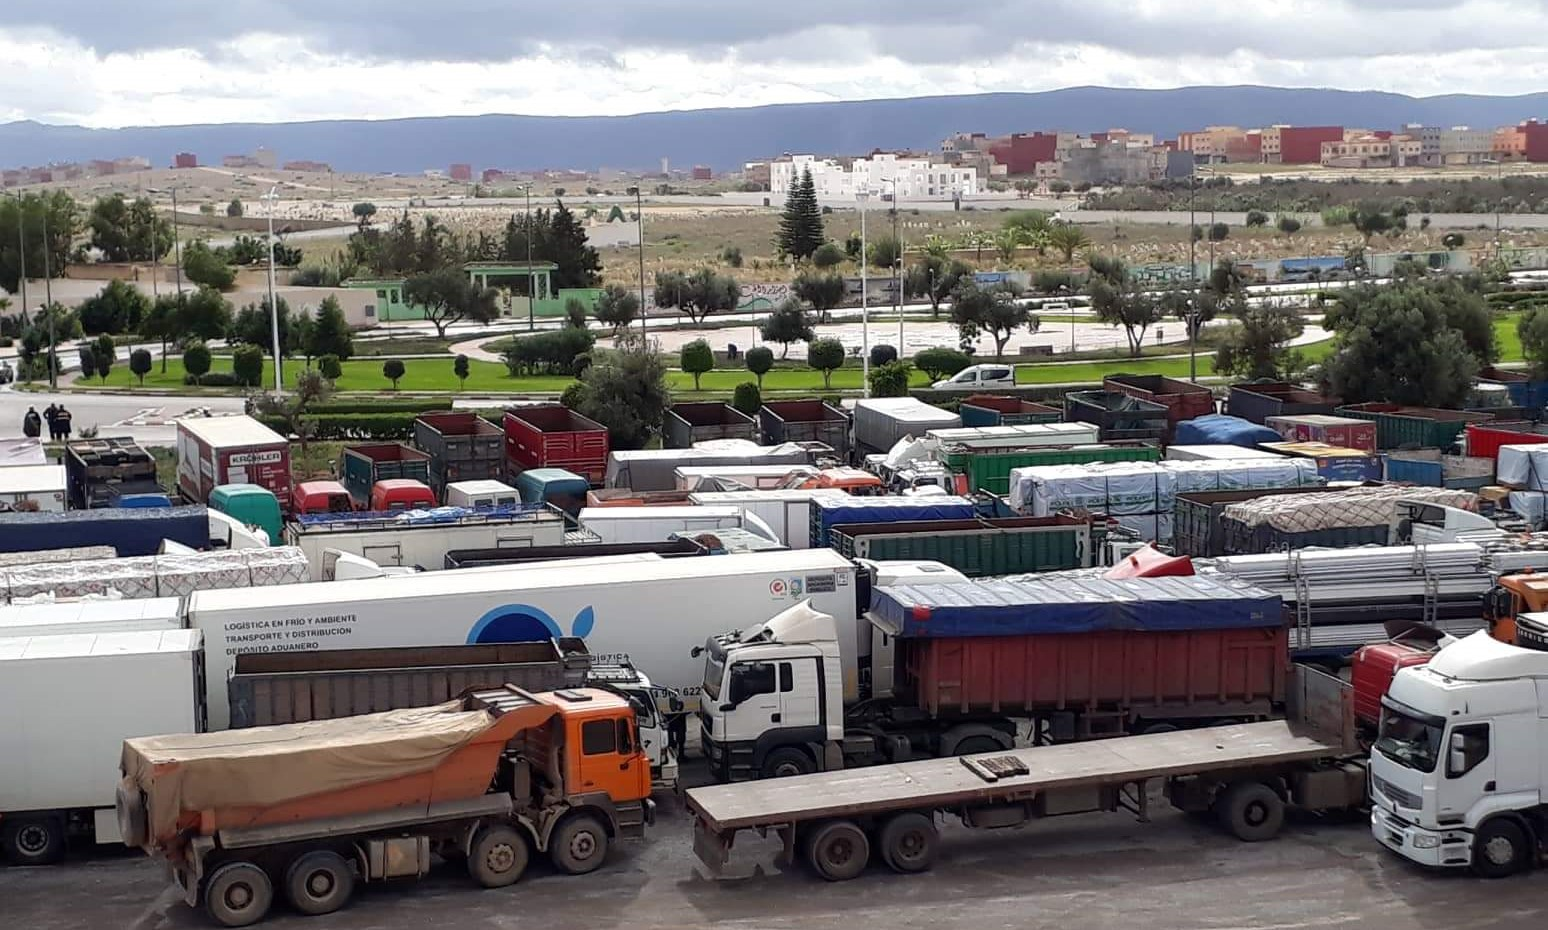 احتجاجا على تماطل وزارة النقل.. أرباب الشاحنات يخوضون اضرابا وطنيا